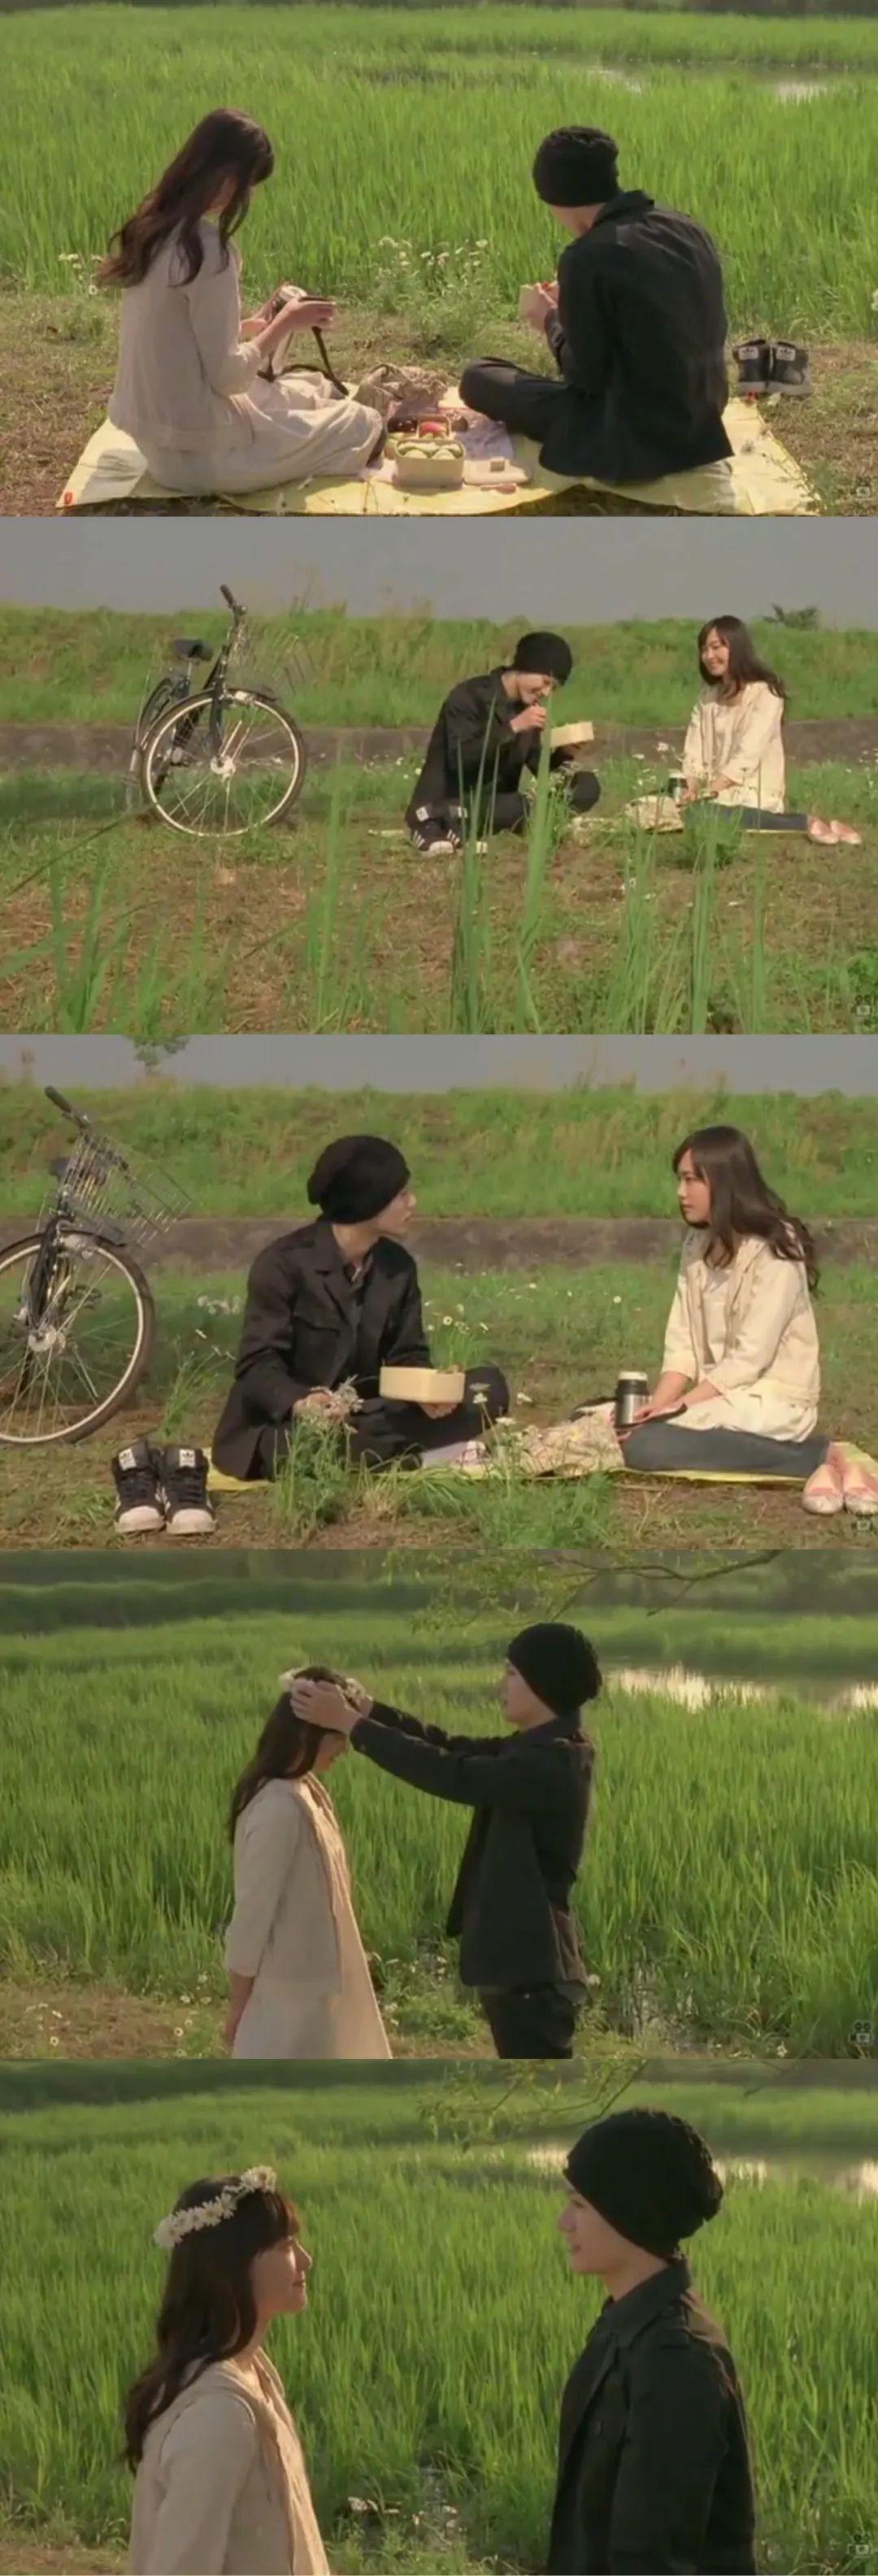 新垣结衣 恋空(2007年)剧情截图,青涩的新垣结衣_图片 No.9